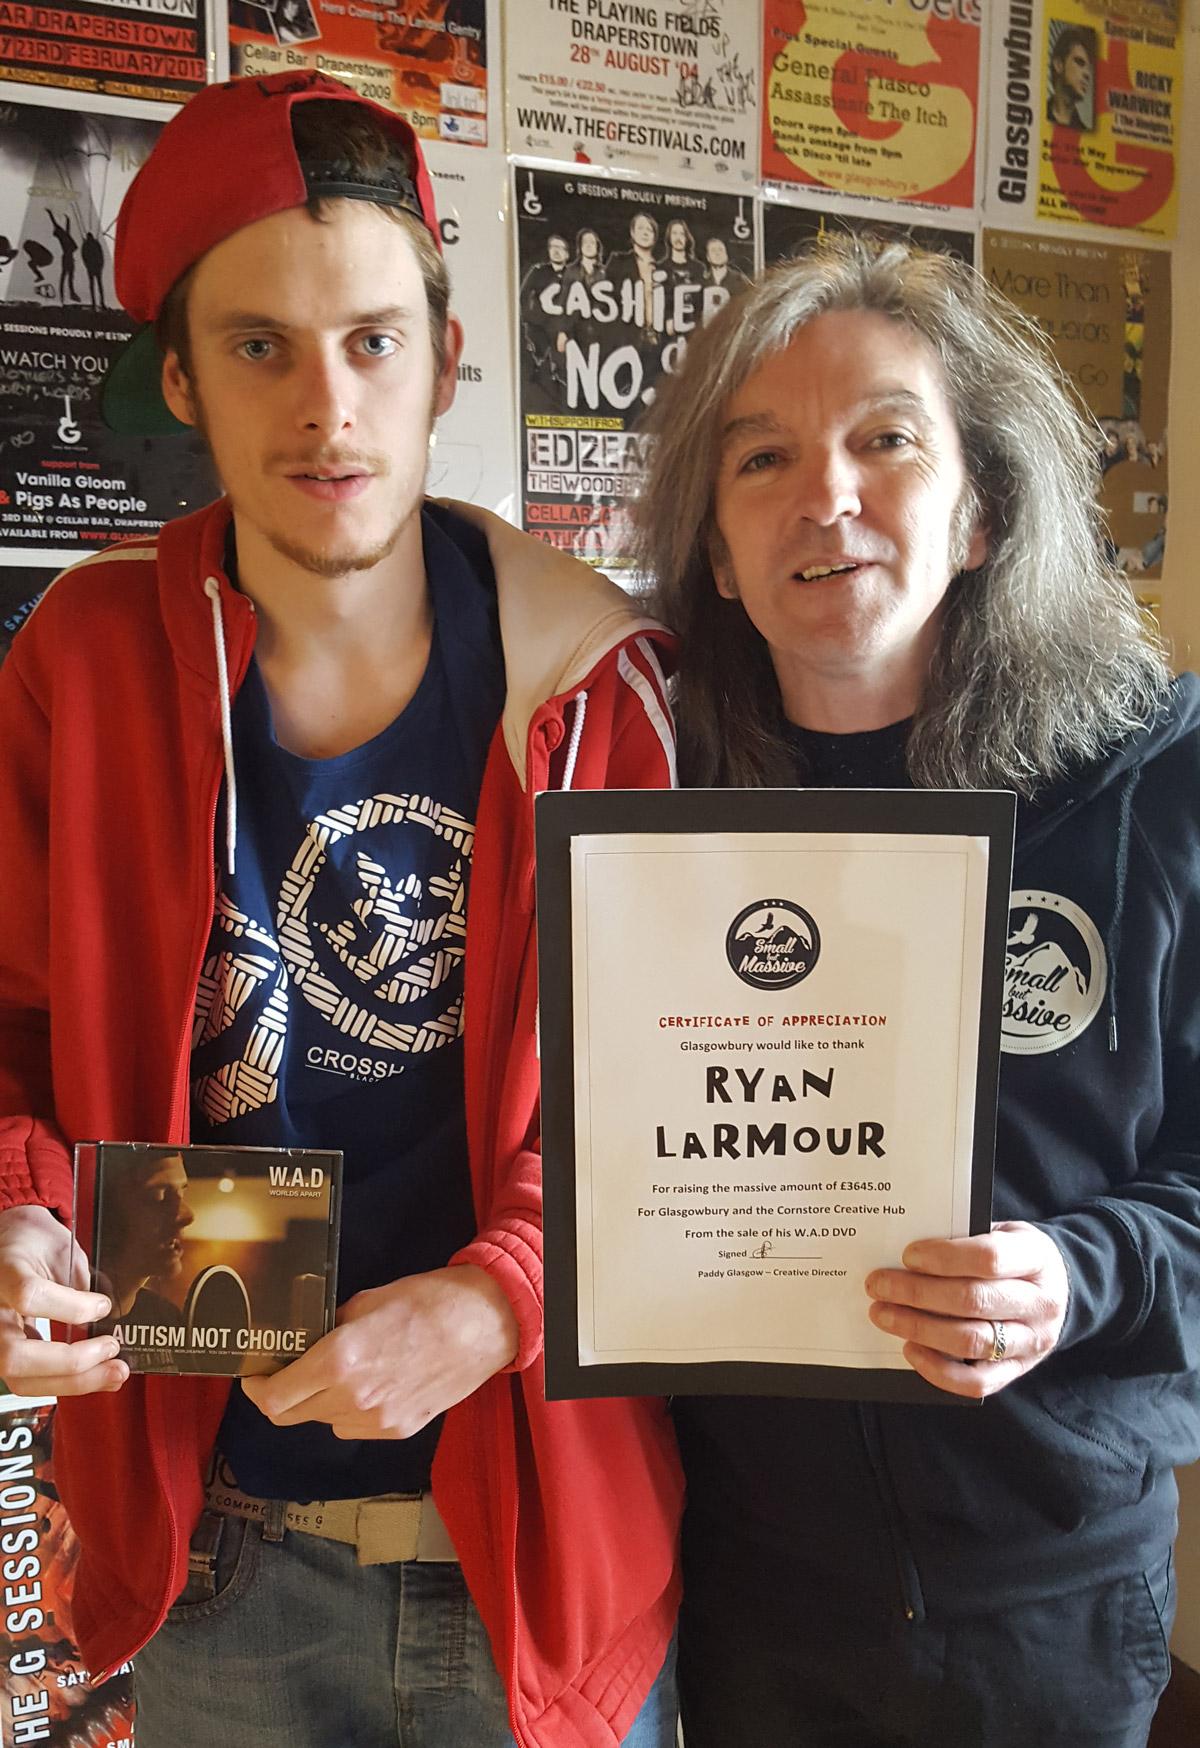 Paddy-and-Ryan-Larmour